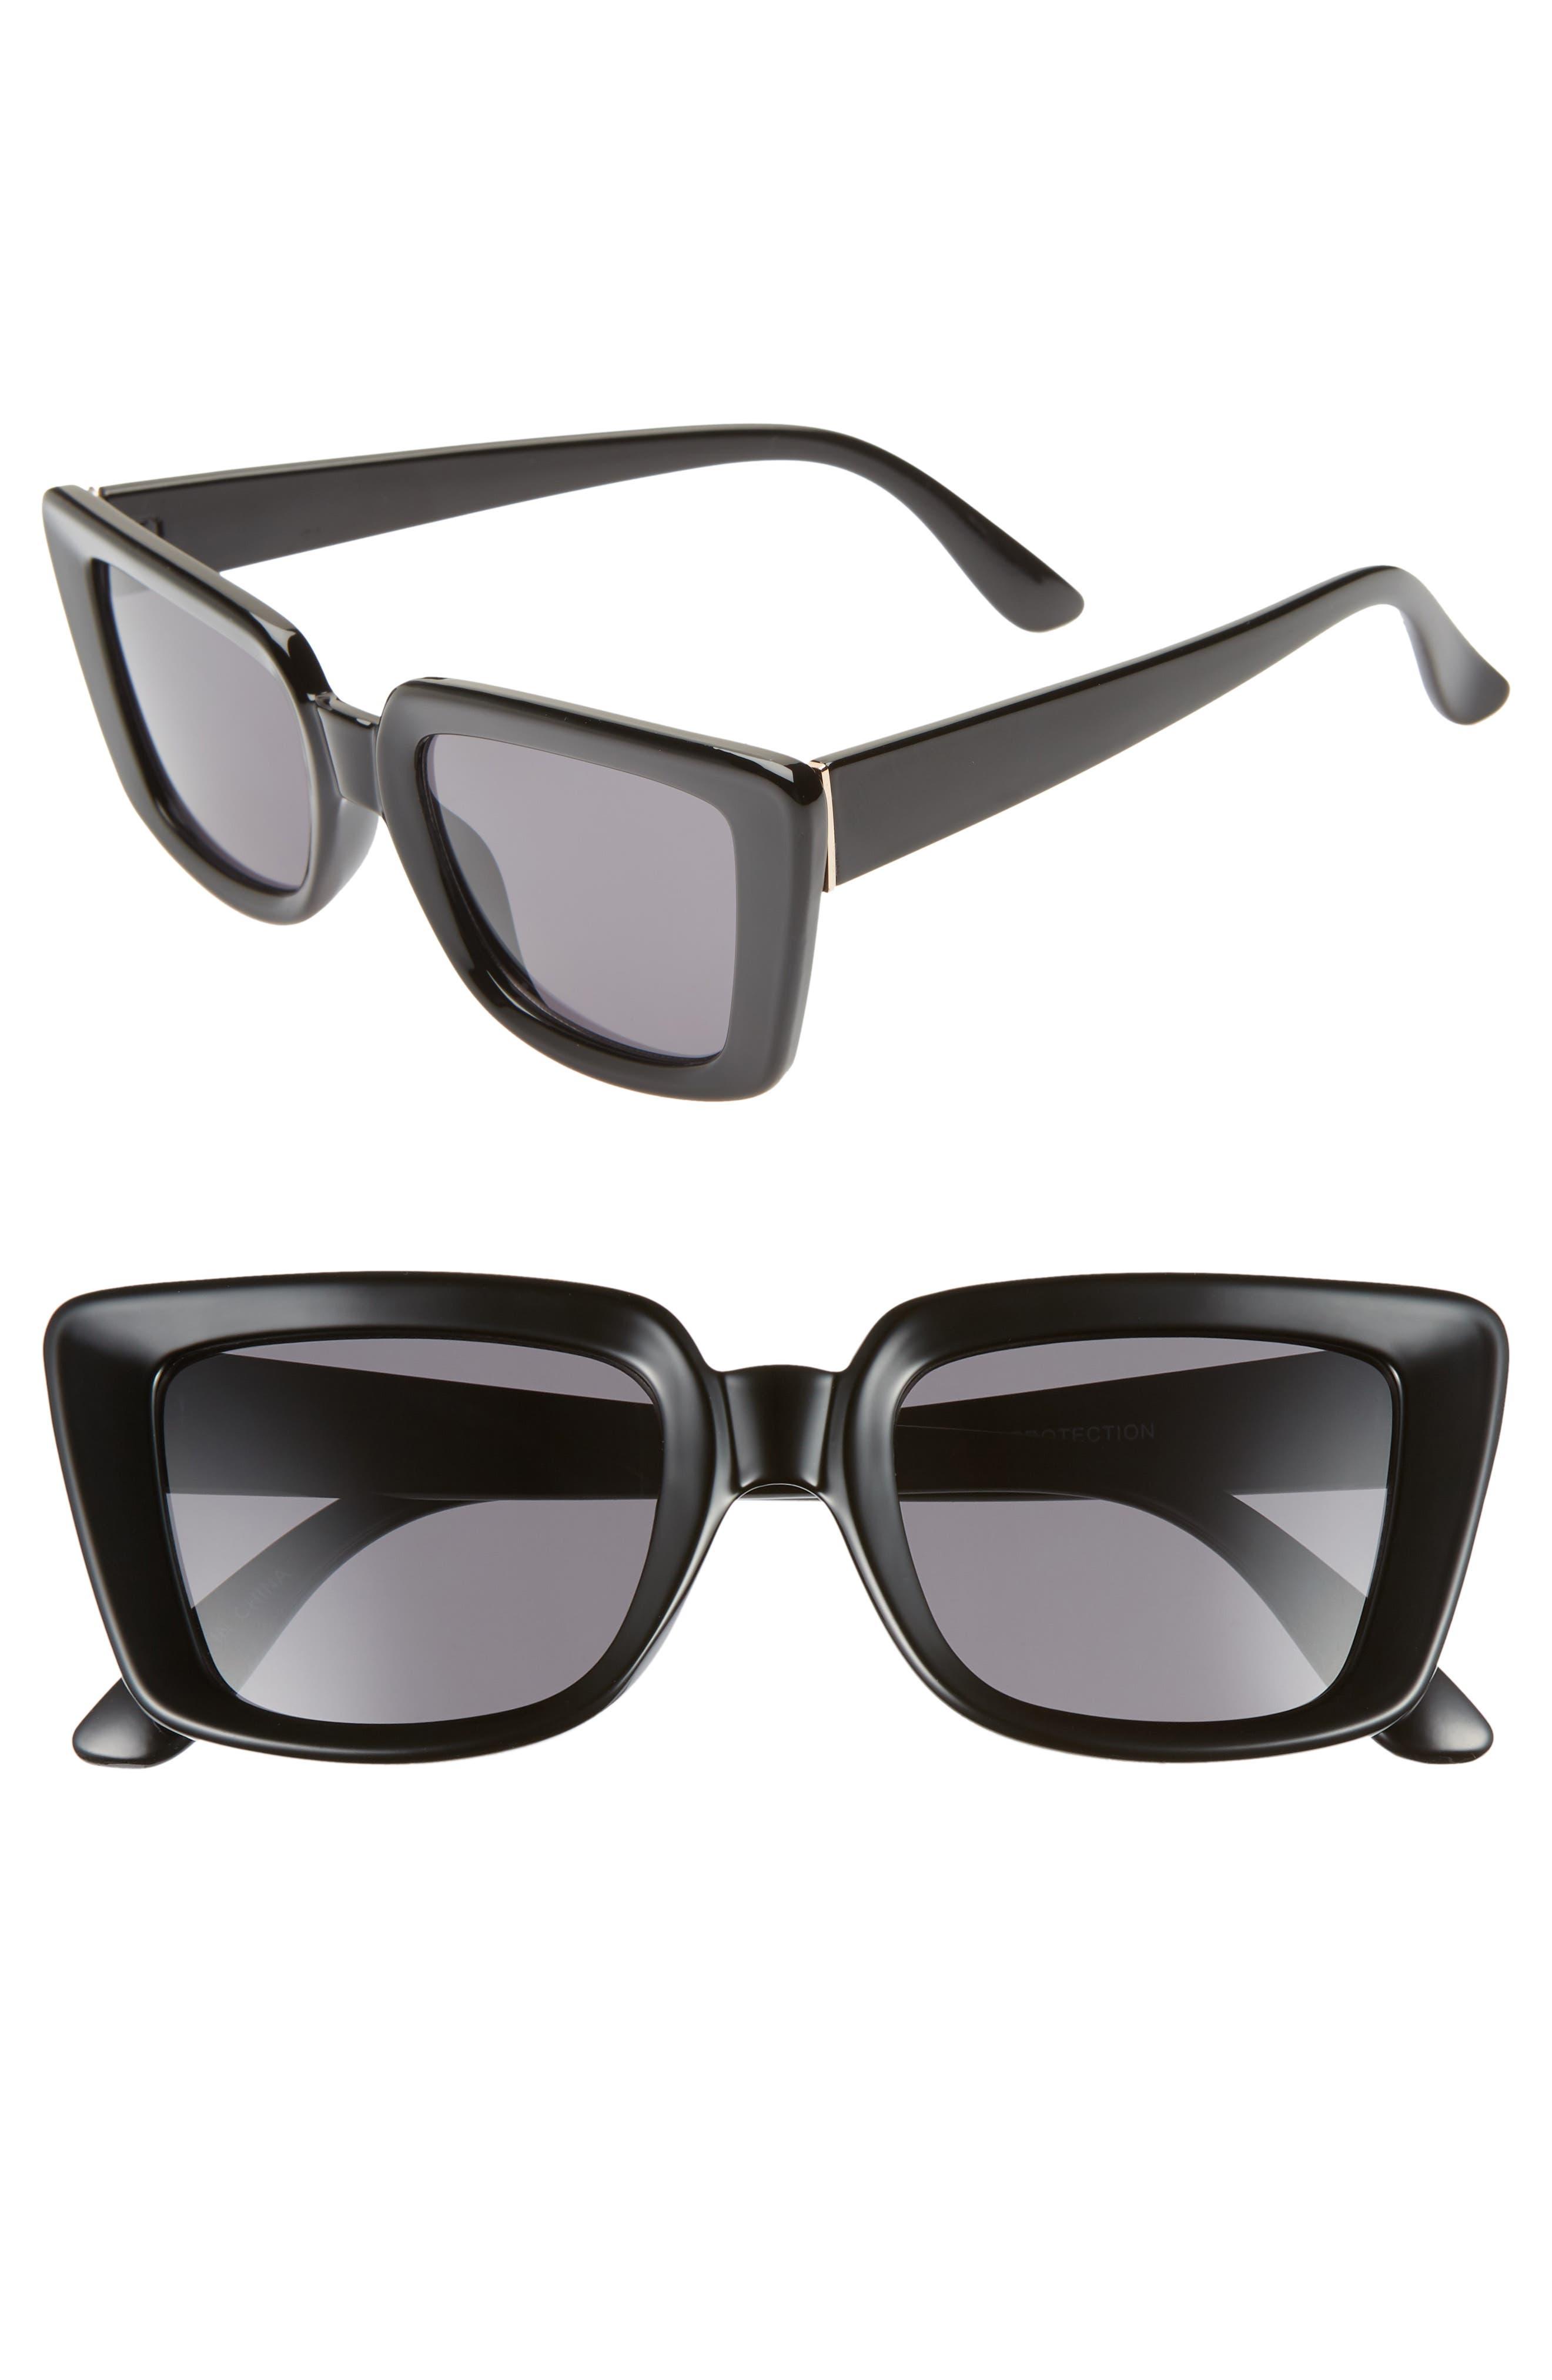 68mm Oversize Square Sunglasses,                             Main thumbnail 1, color,                             BLACK/ GOLD